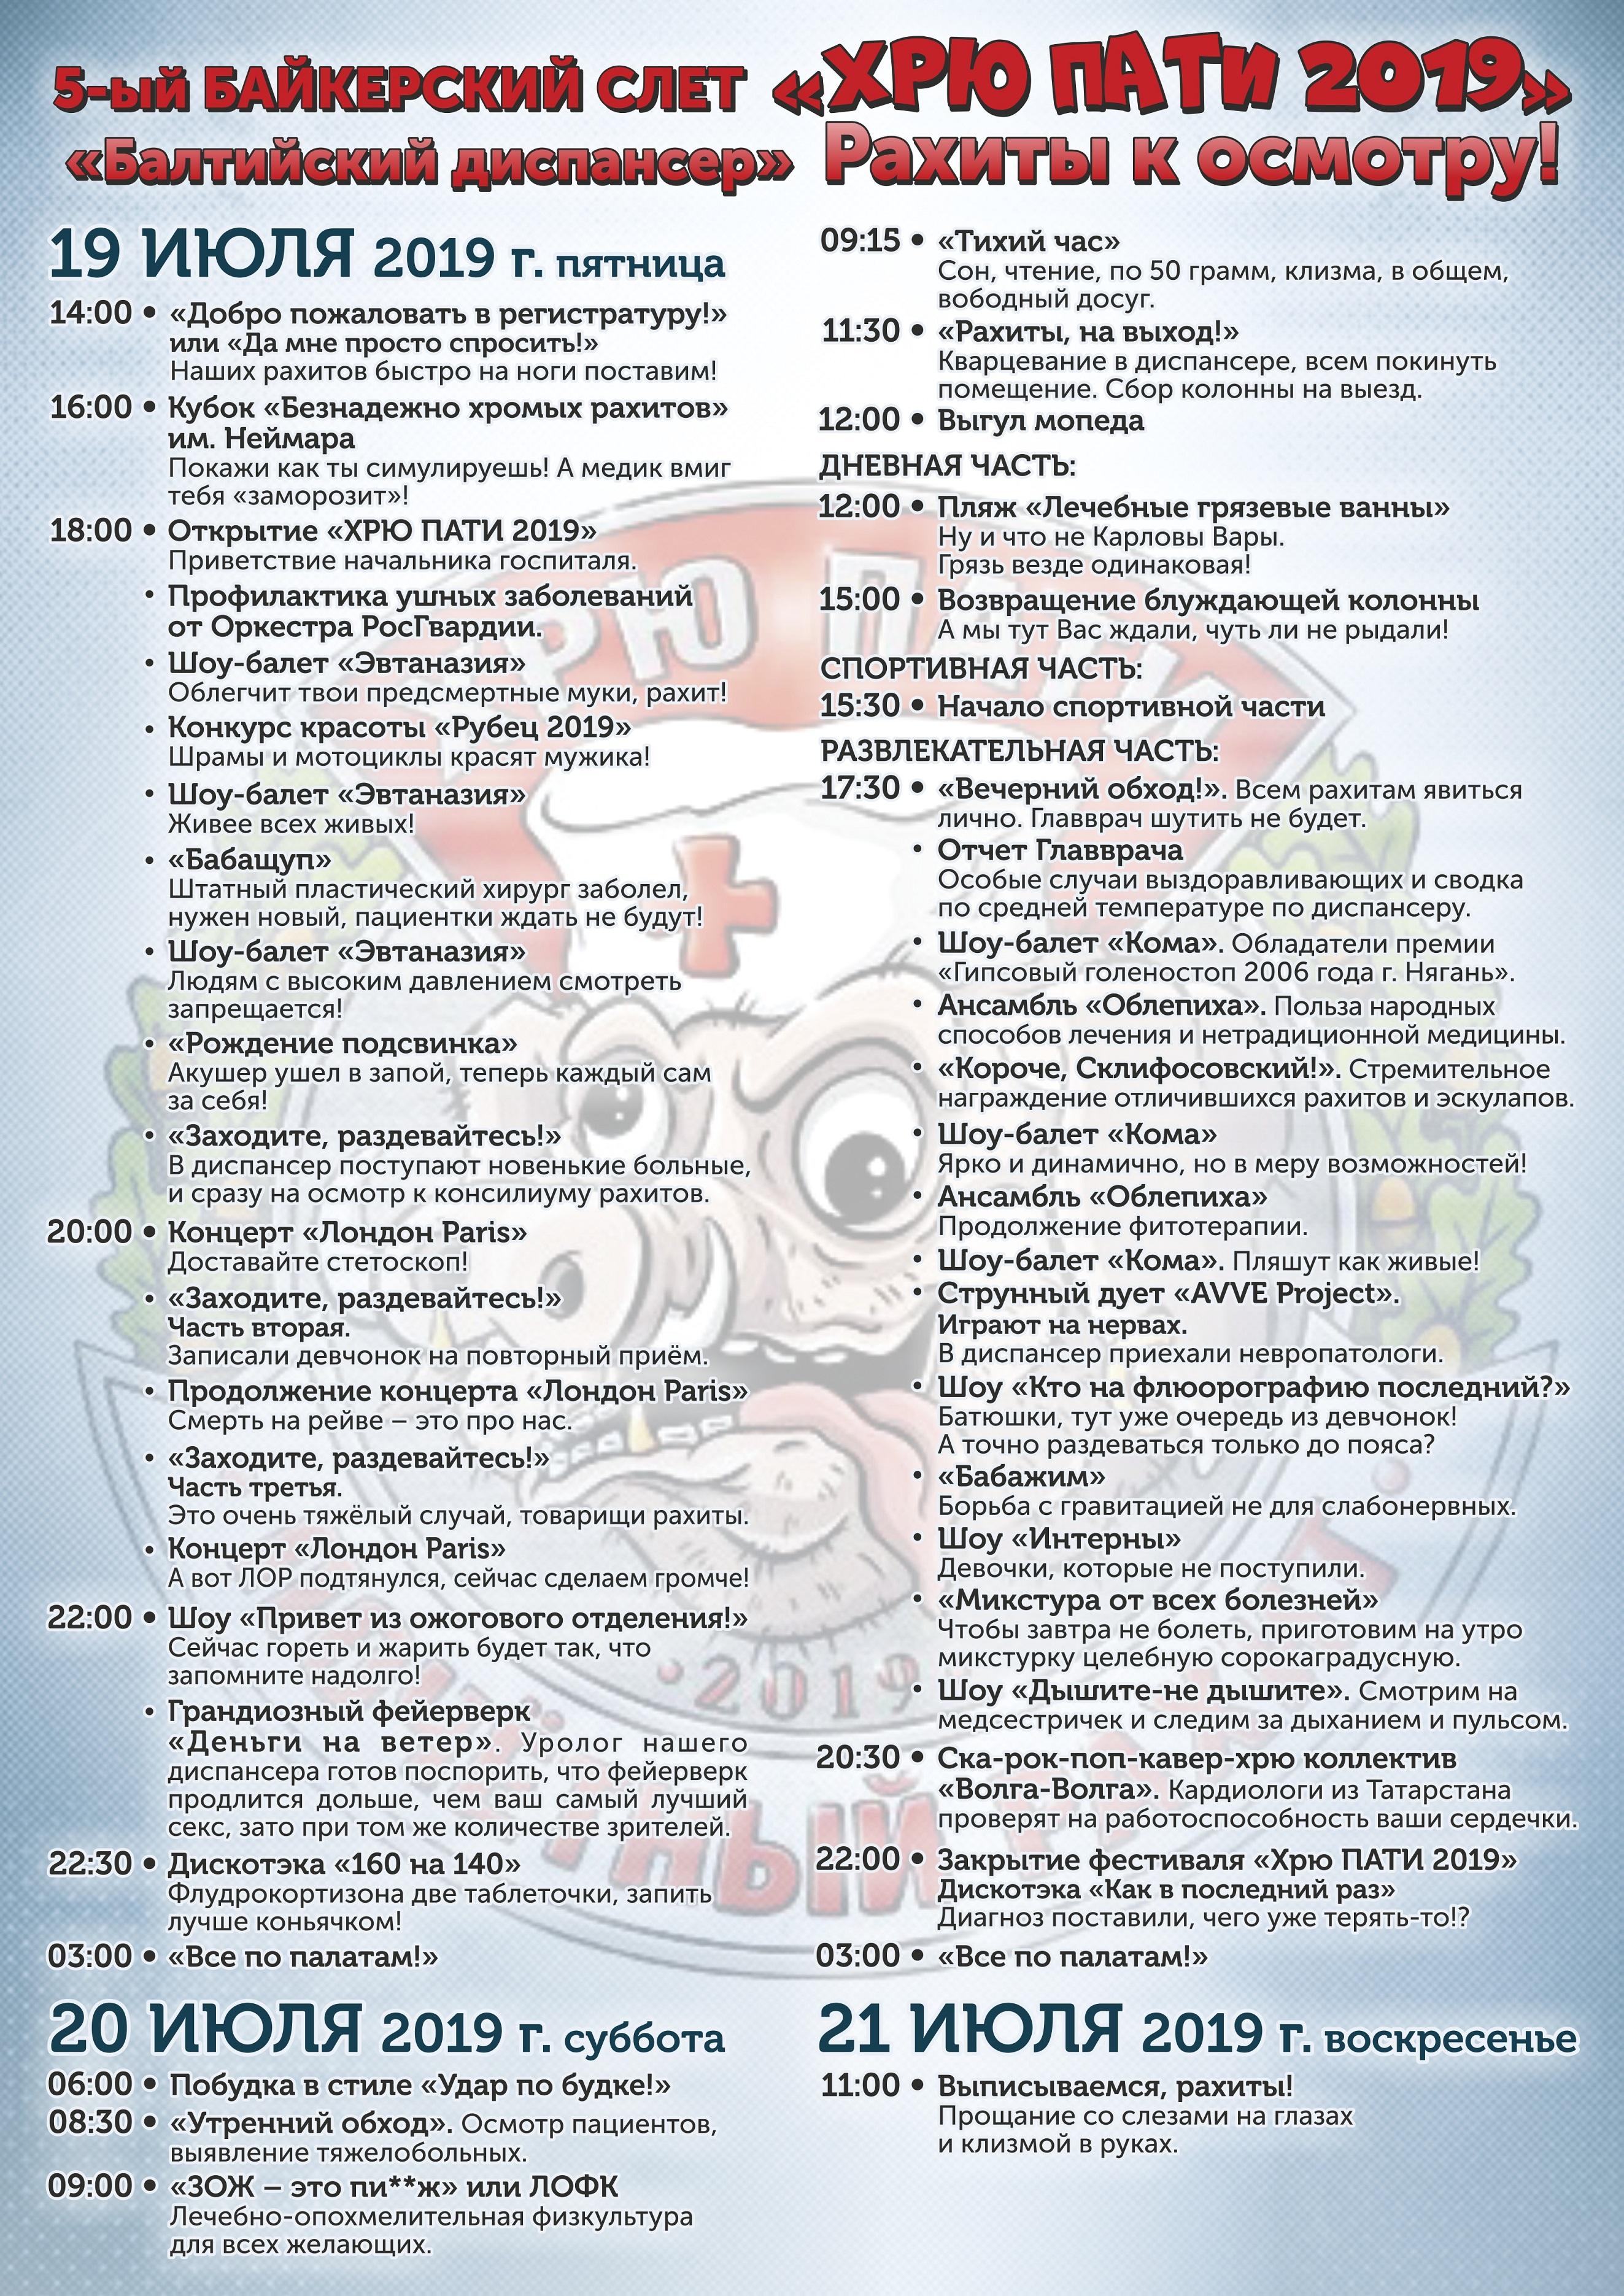 """19.07 - 21.07 состоится """"ХРЮ ПАТИ 2019""""."""